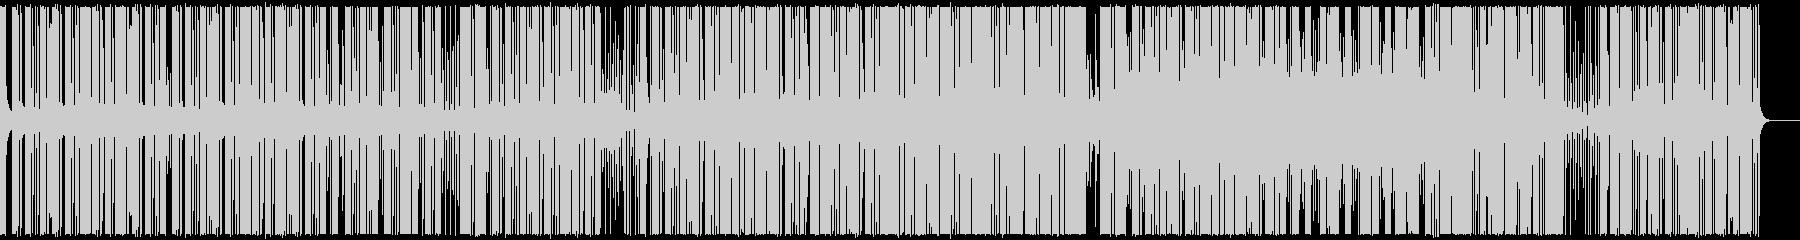 官能的な淡々としたリズム主体の音楽の未再生の波形